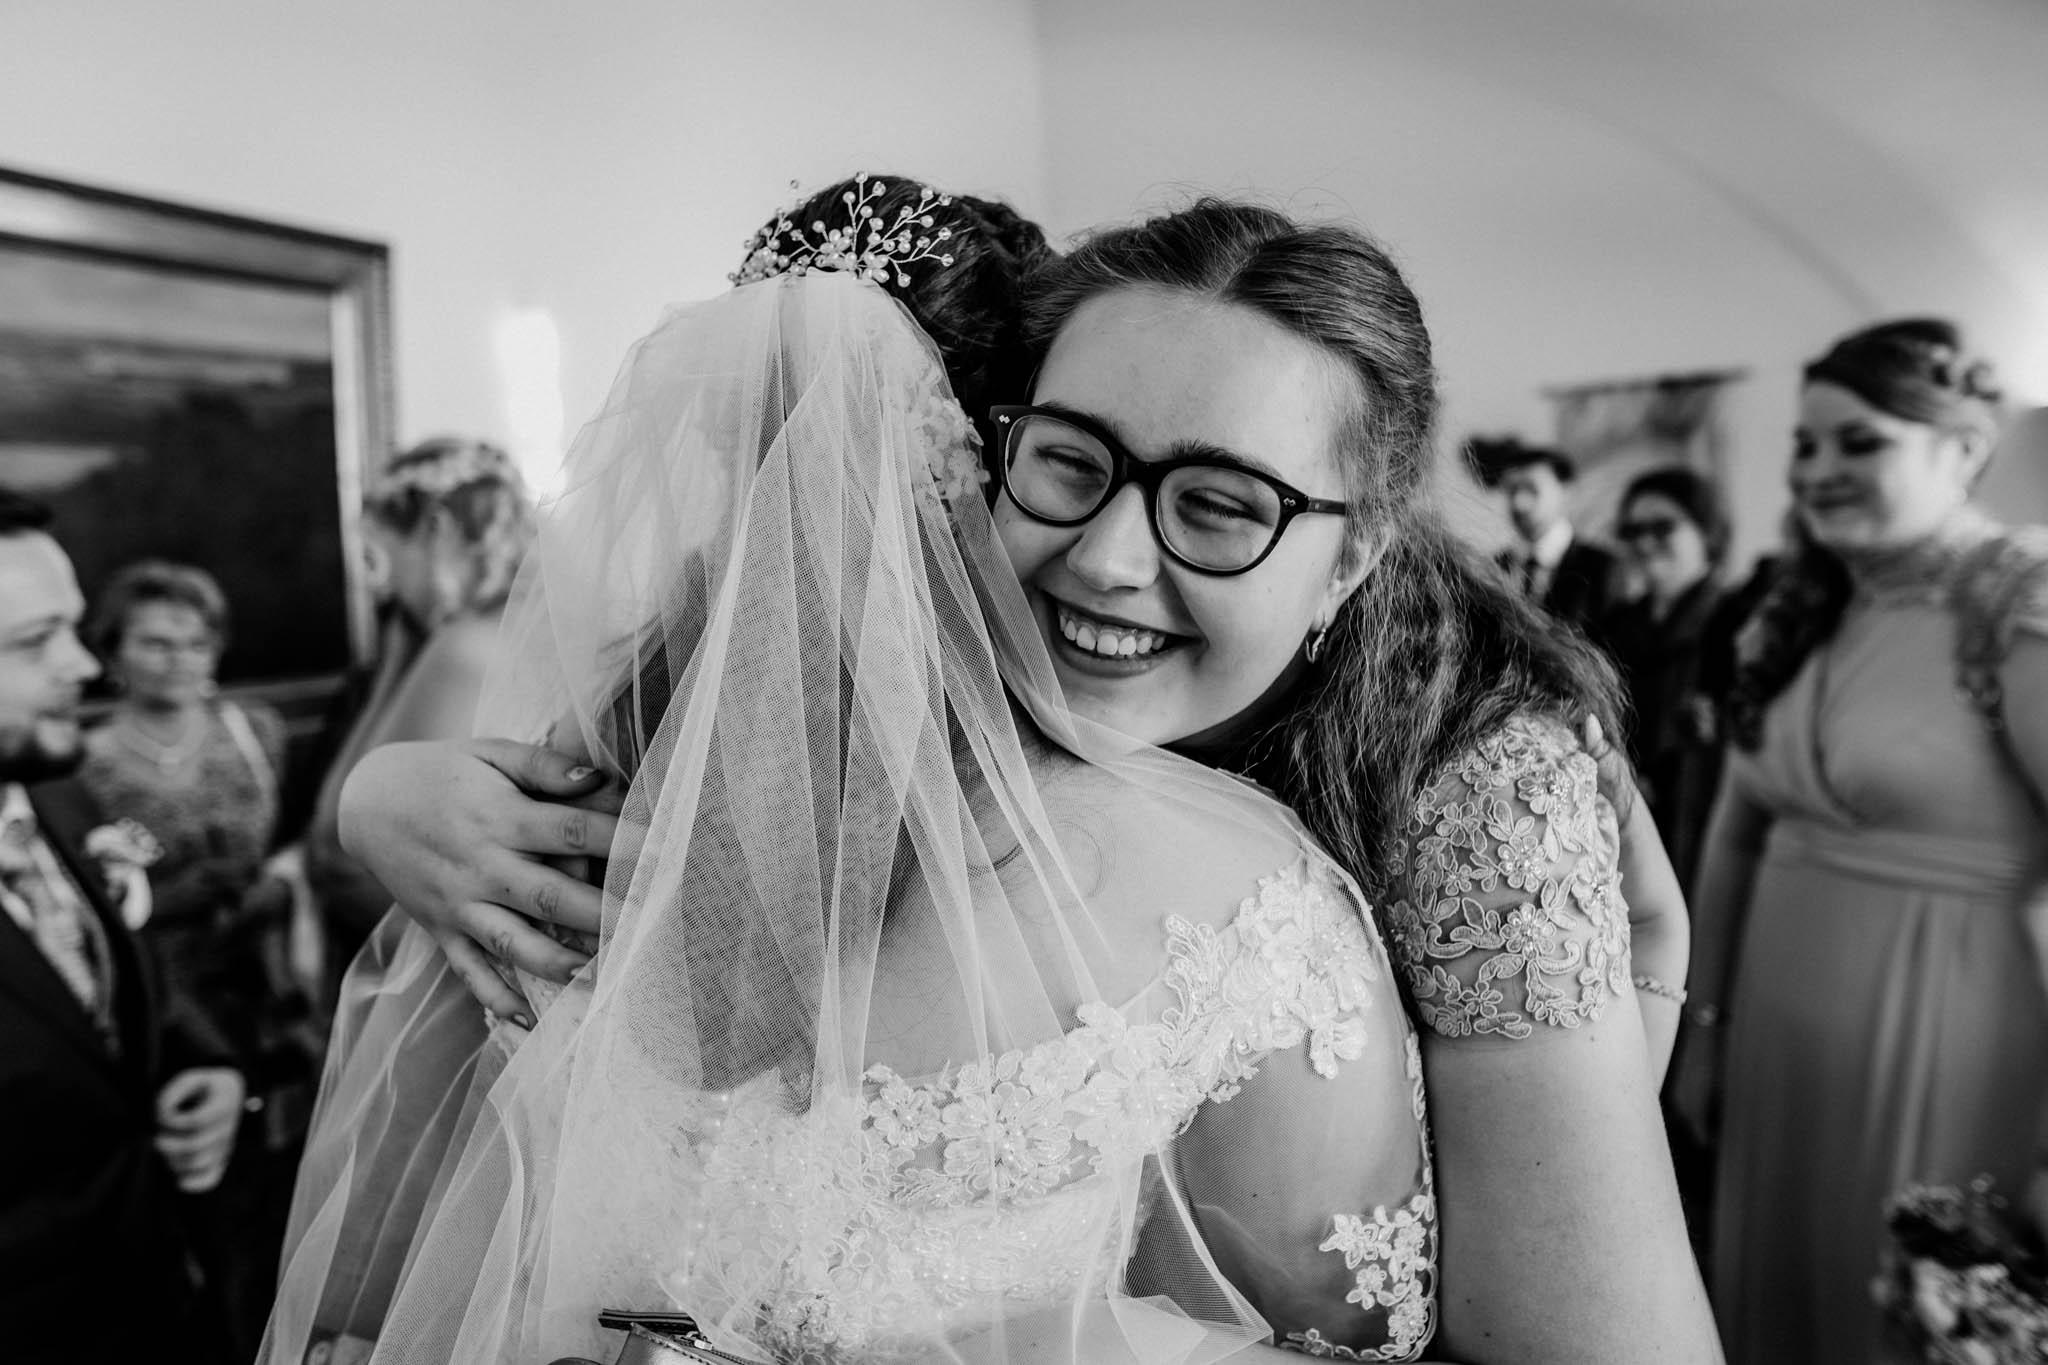 Hochzeitsfieber by Photo-Schomburg, Hochzeitsfotograf, Hamburg, Altona, wedding, Standesamt Altona, Appen, Hochzeitsshooting, Hochzeitstag, Brautpaar-50